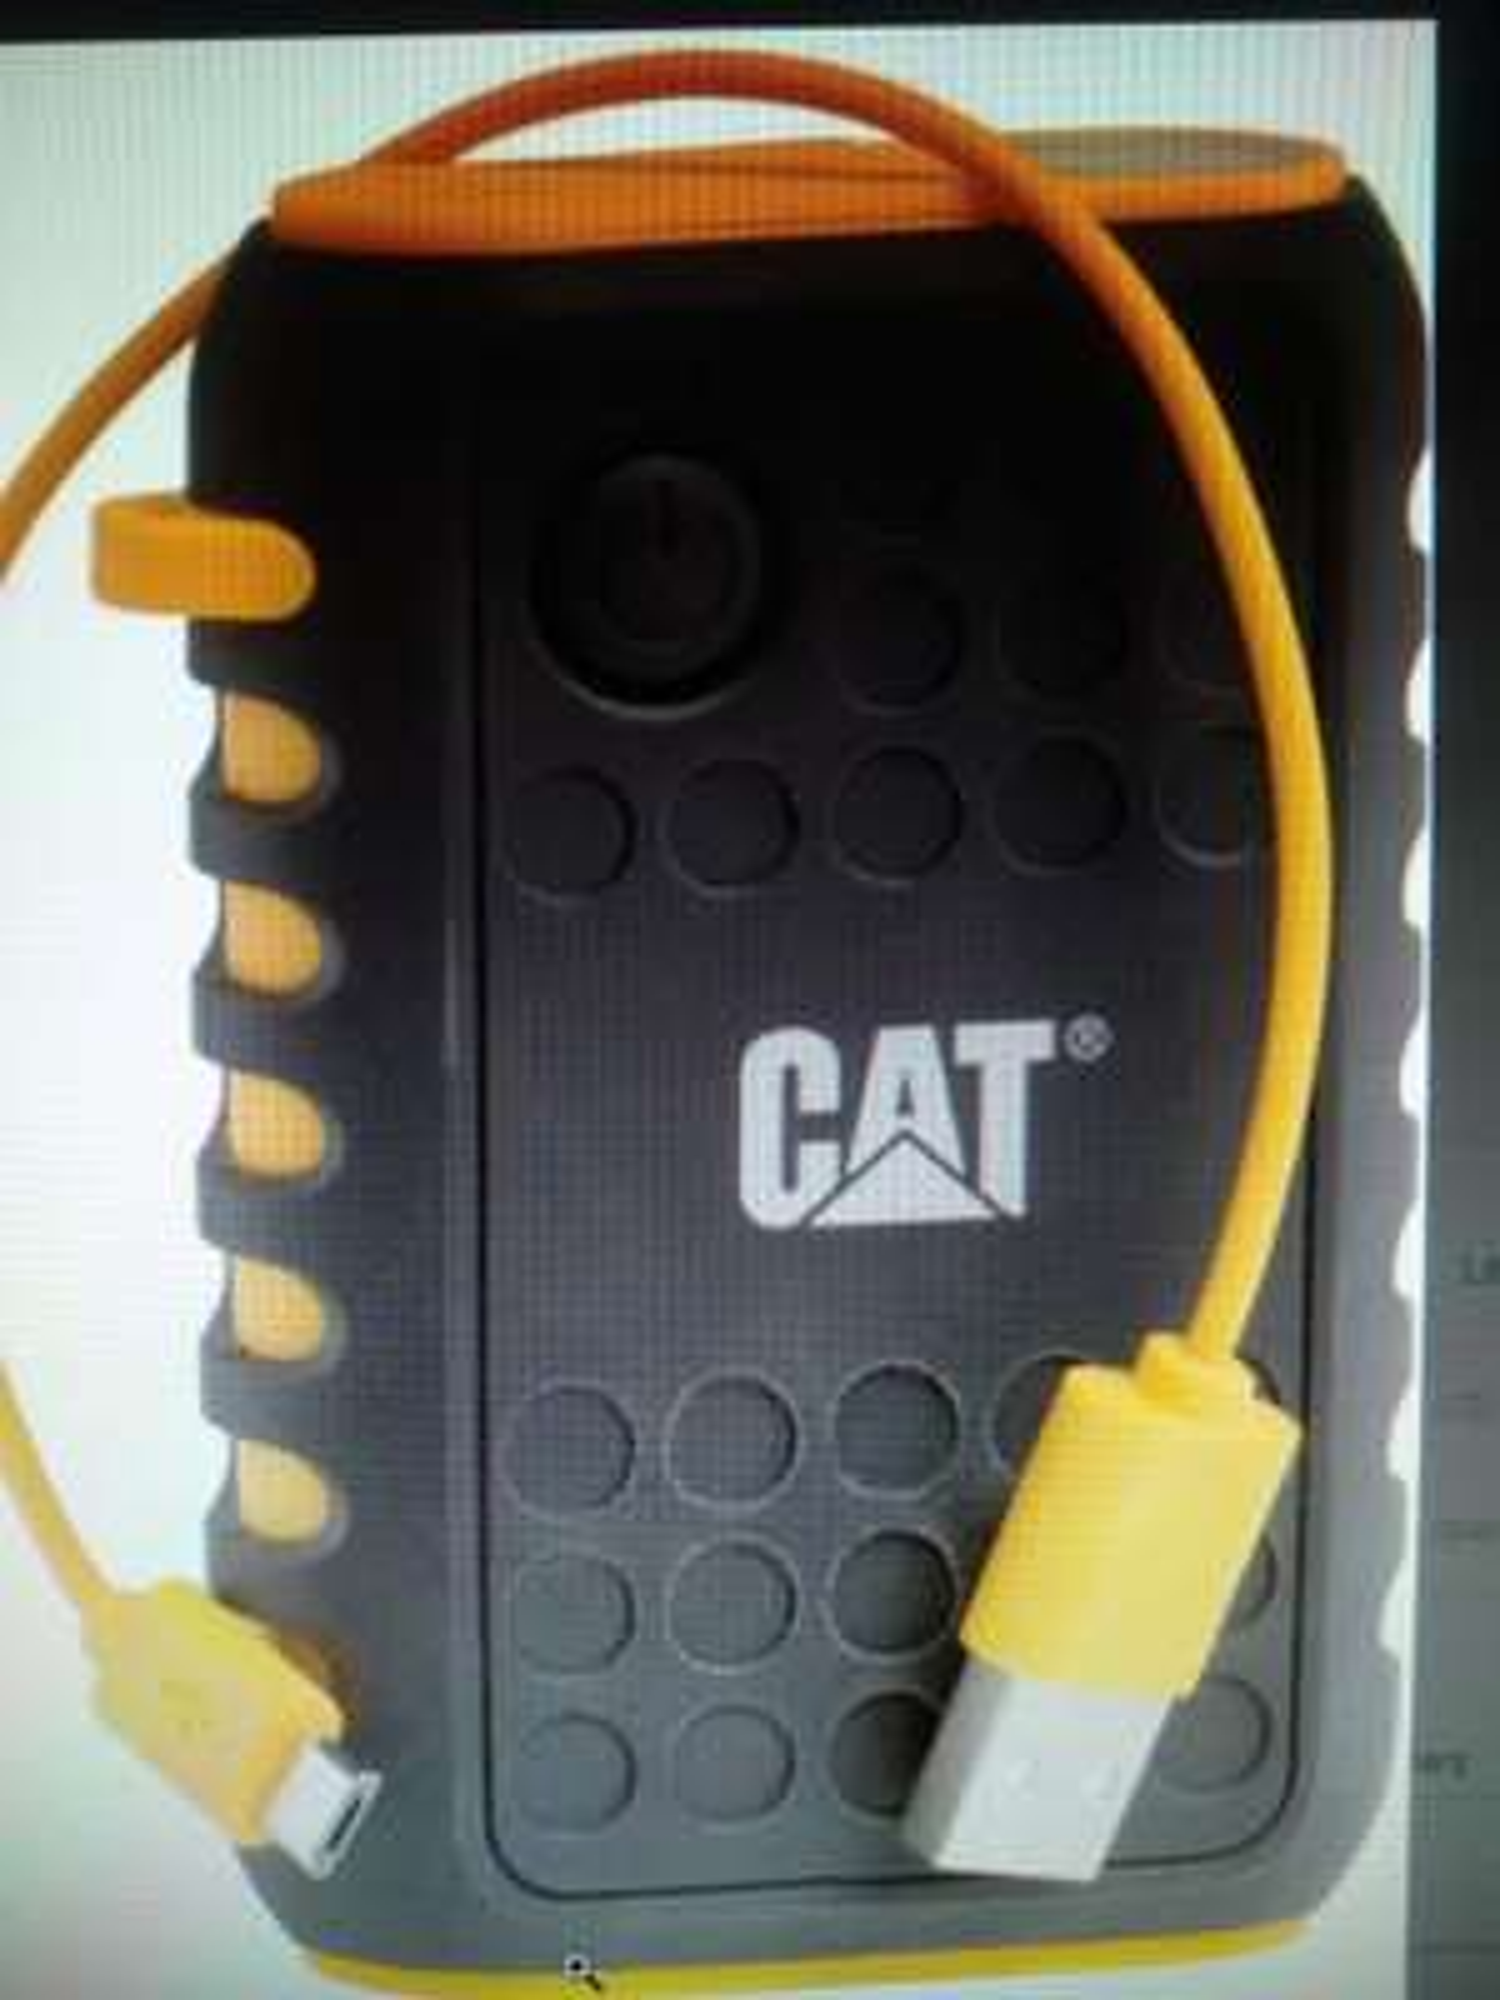 (Prijsfout) Cat Rugged powerbank 10.000mAh